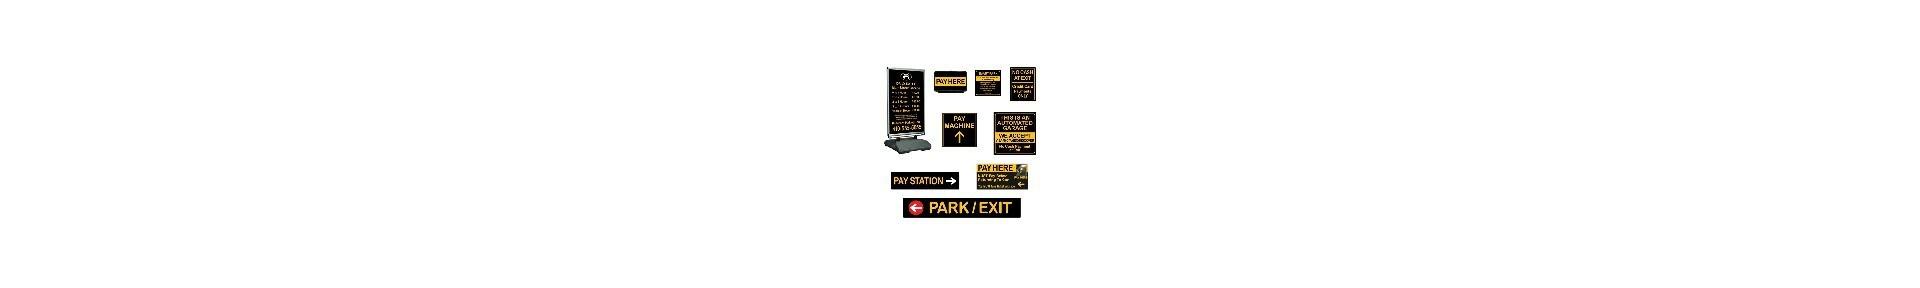 Parking Garage Signs